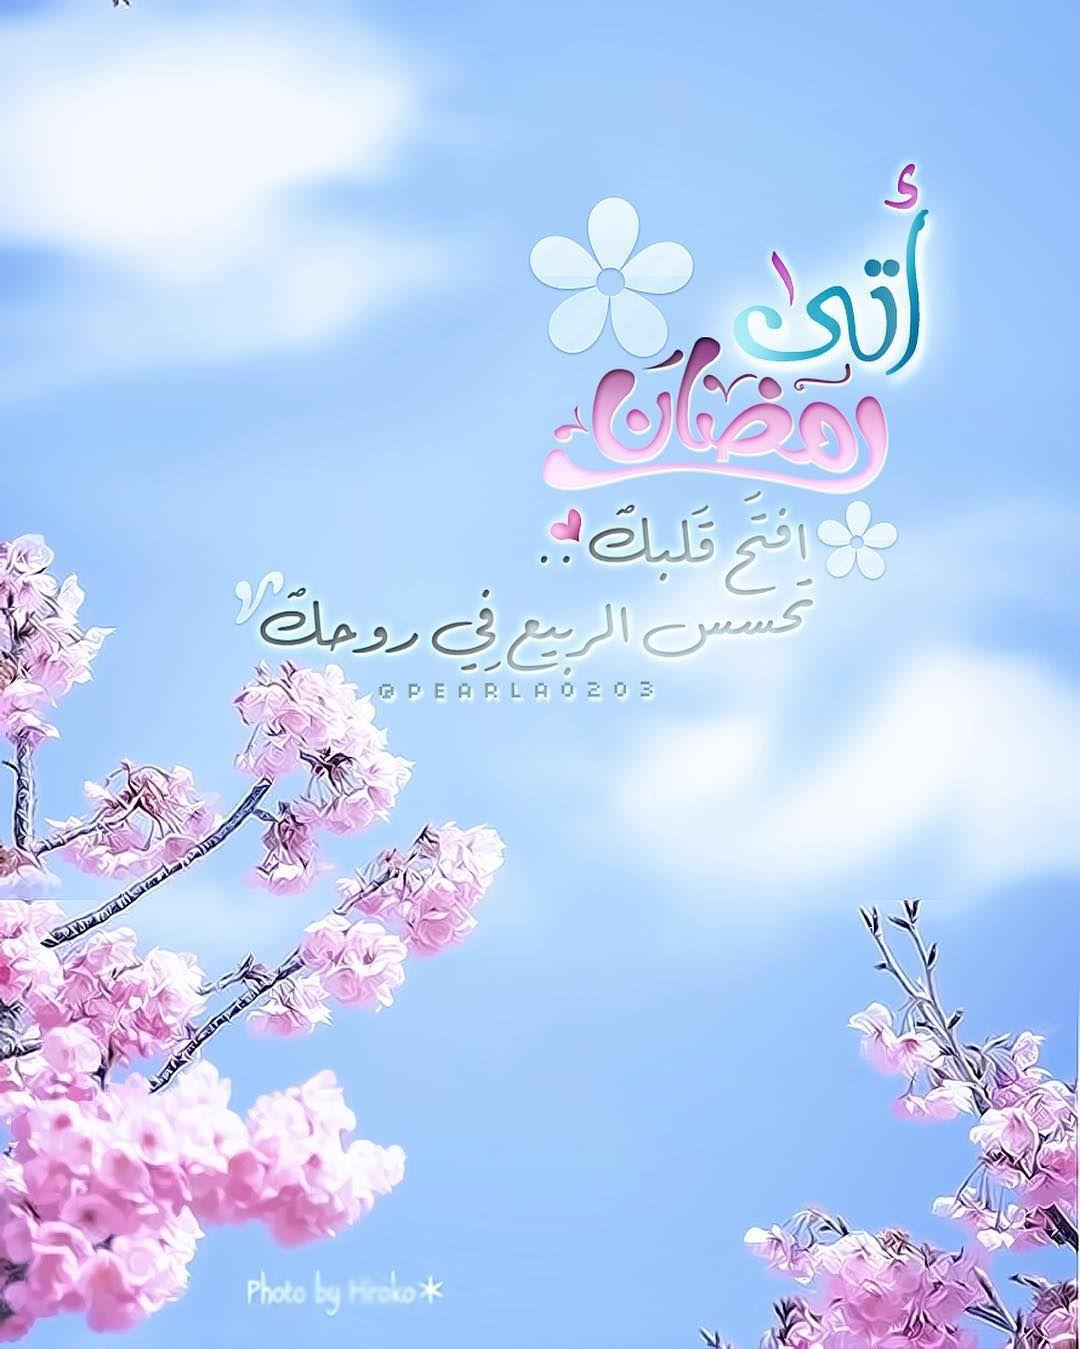 بطاقات تهنئه لرمضان صور تهنئه بشهر رمضان المبارك 2019 Ramadan Kareem Ramadan Ramadan Crafts